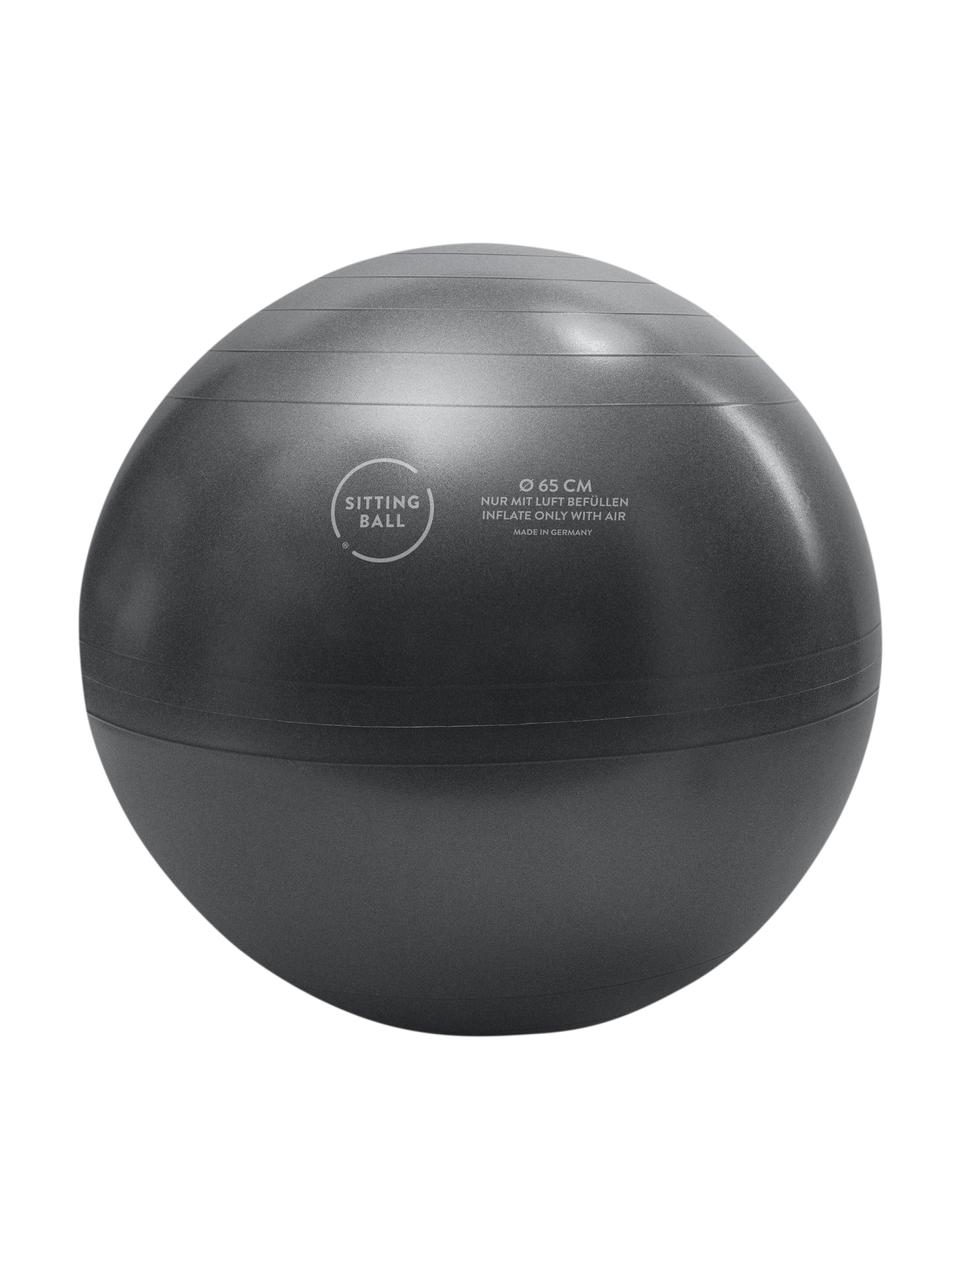 Seduta a sfera Felt, Rivestimento: poliestere (imitazione fe, Antracite, Ø 65 cm